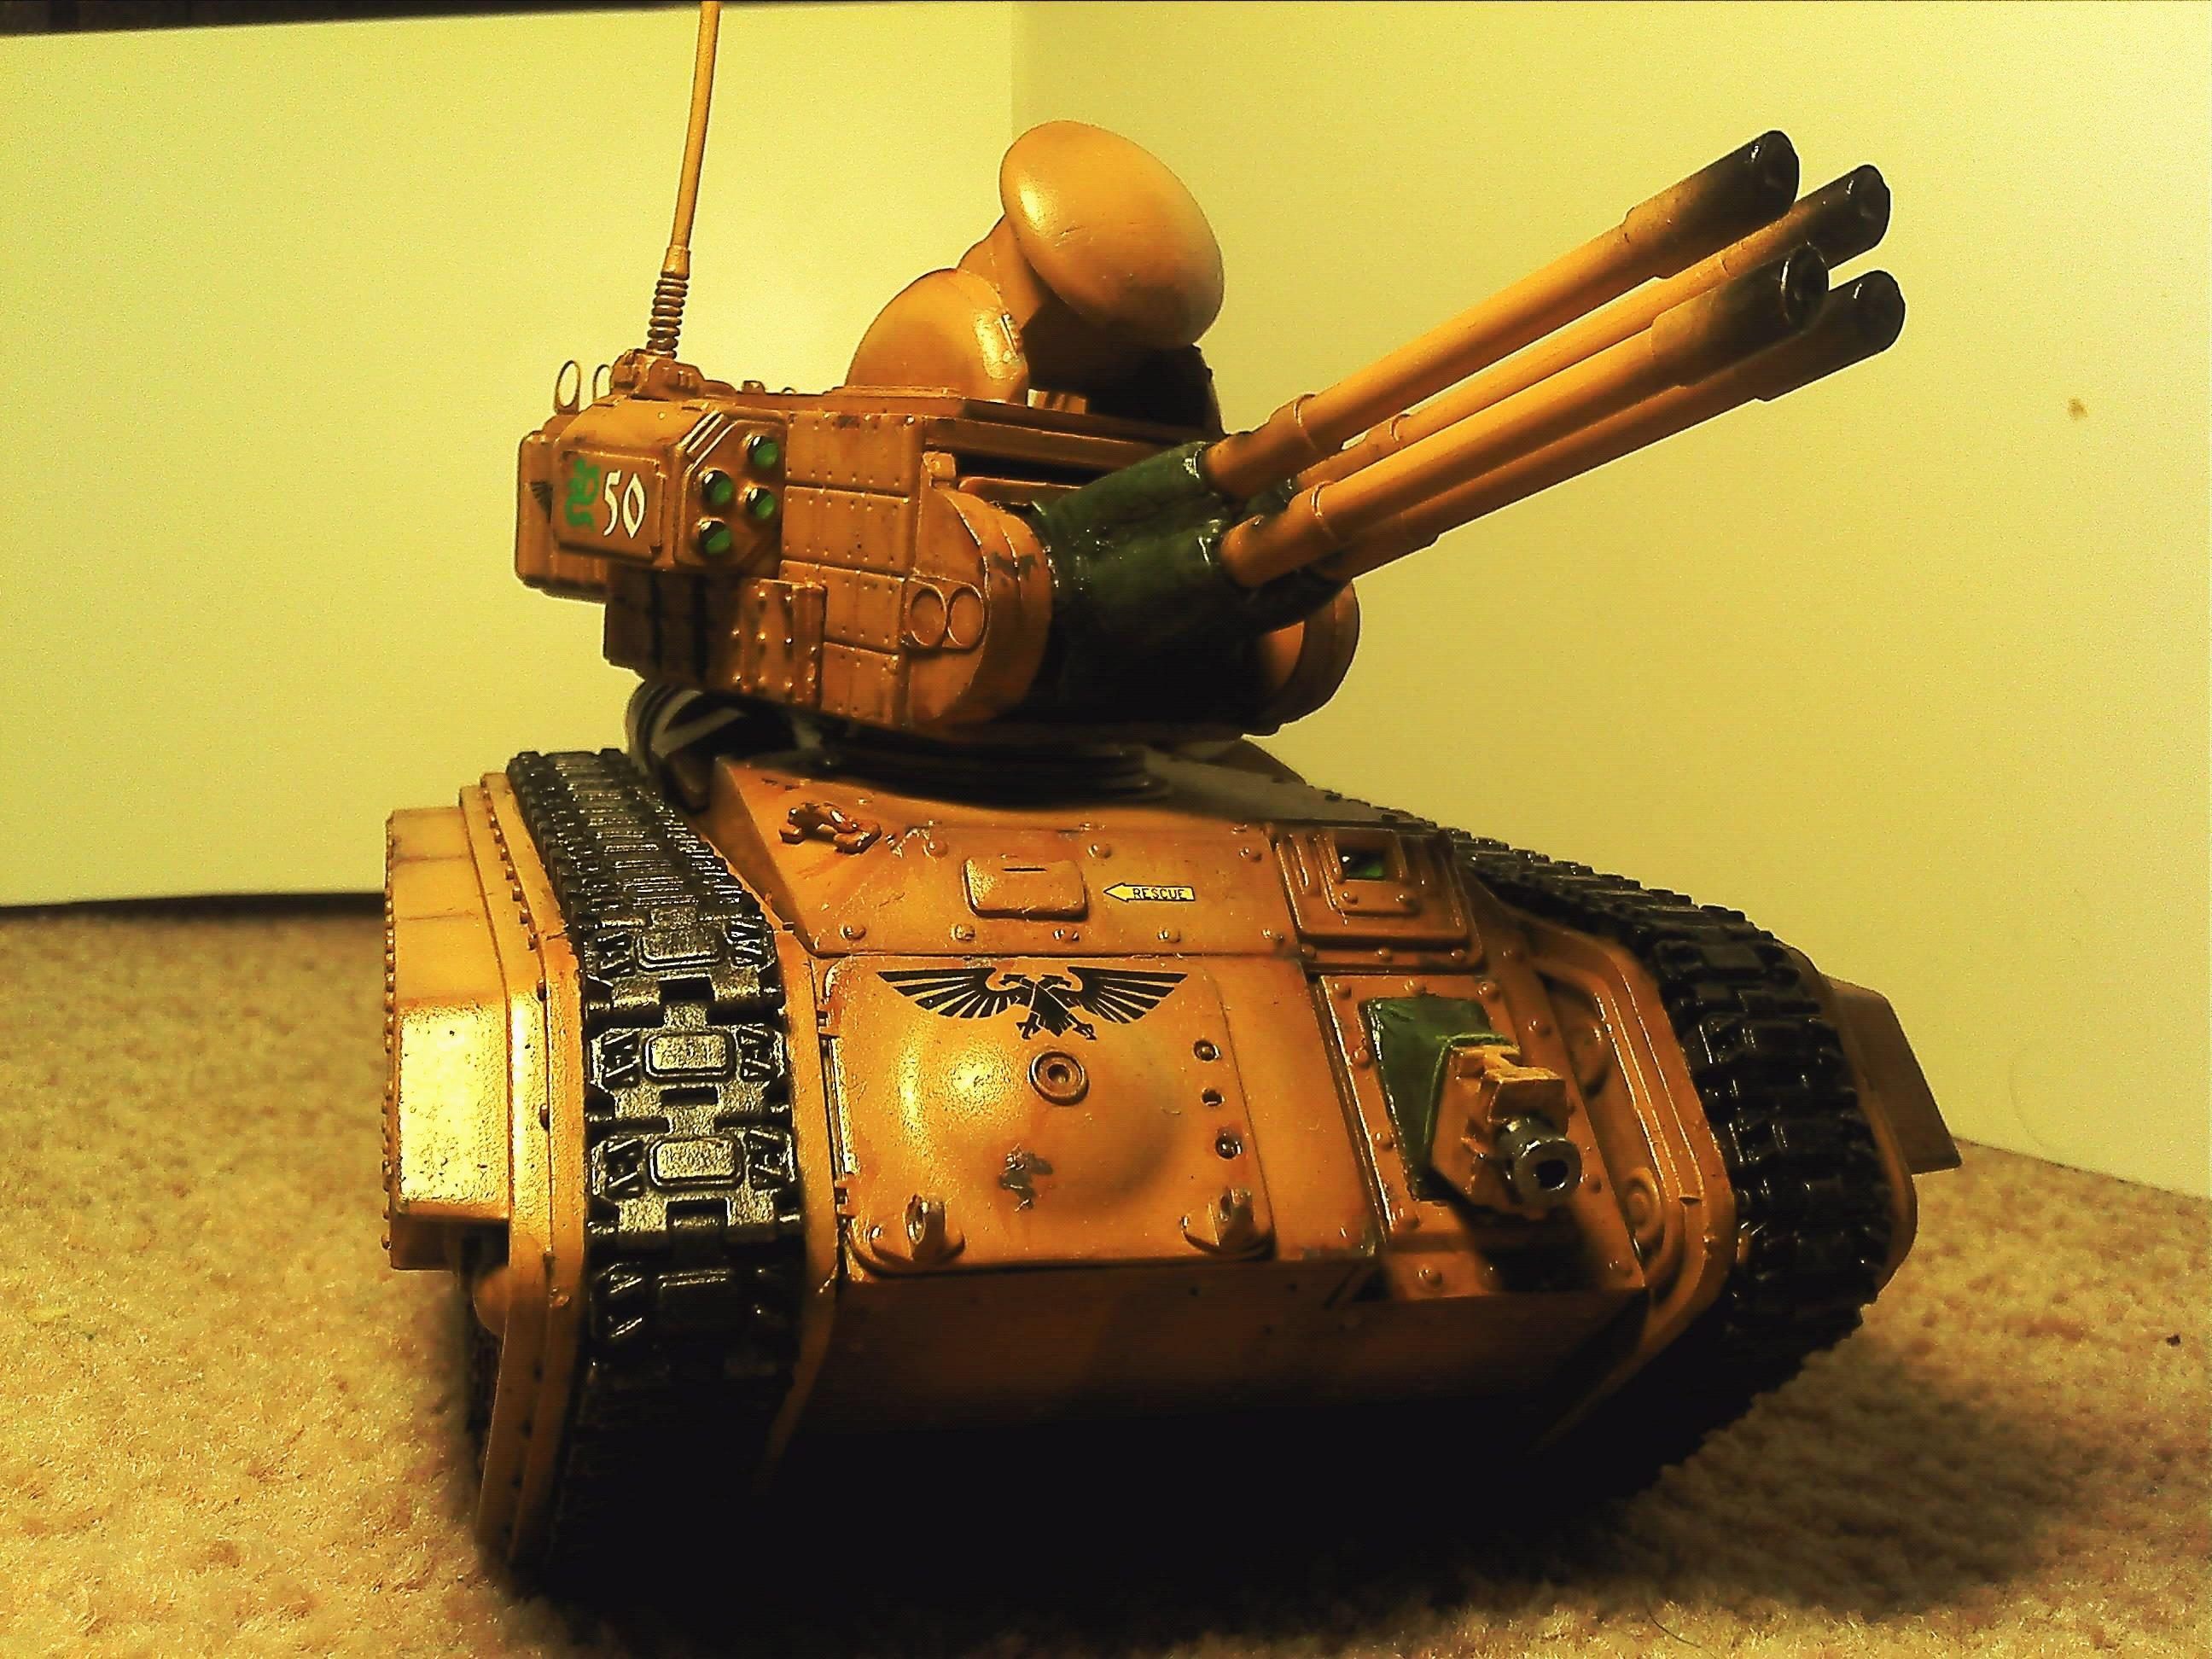 Chimerax, Conversion, Hydra, Imperial, Imperial Guard, Scratch Build, Shilka